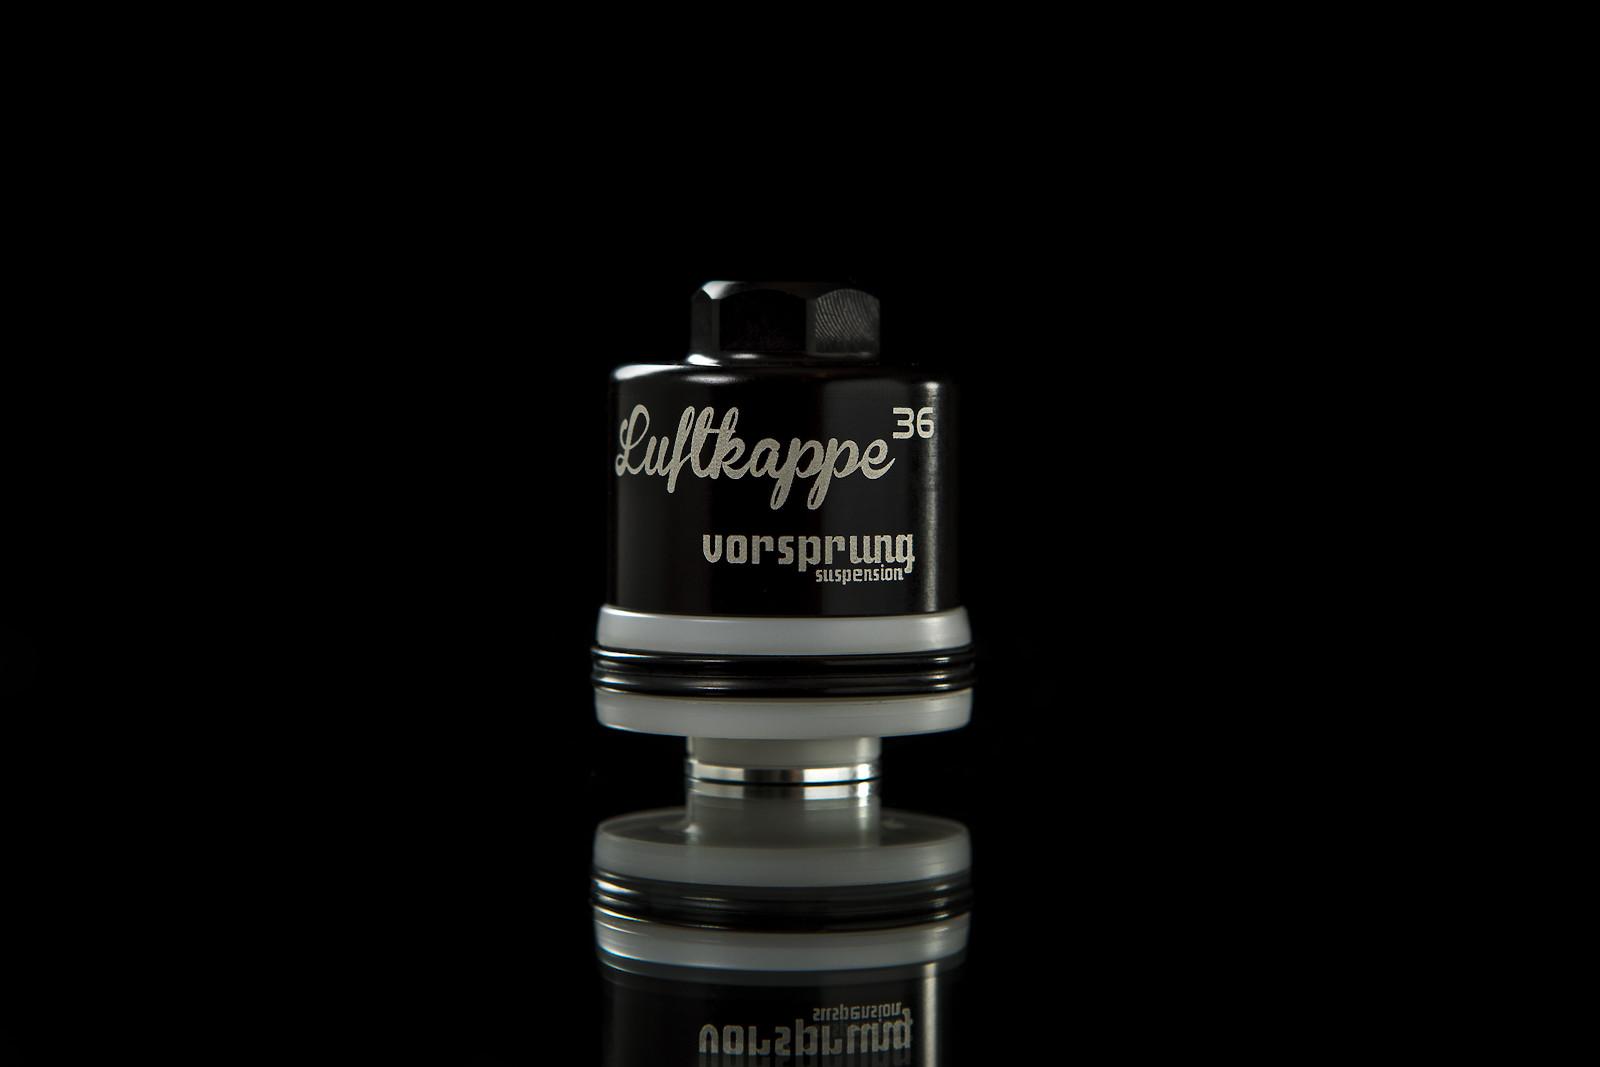 Luftkappe - Vorsprung - Mountain Biking Pictures - Vital MTB